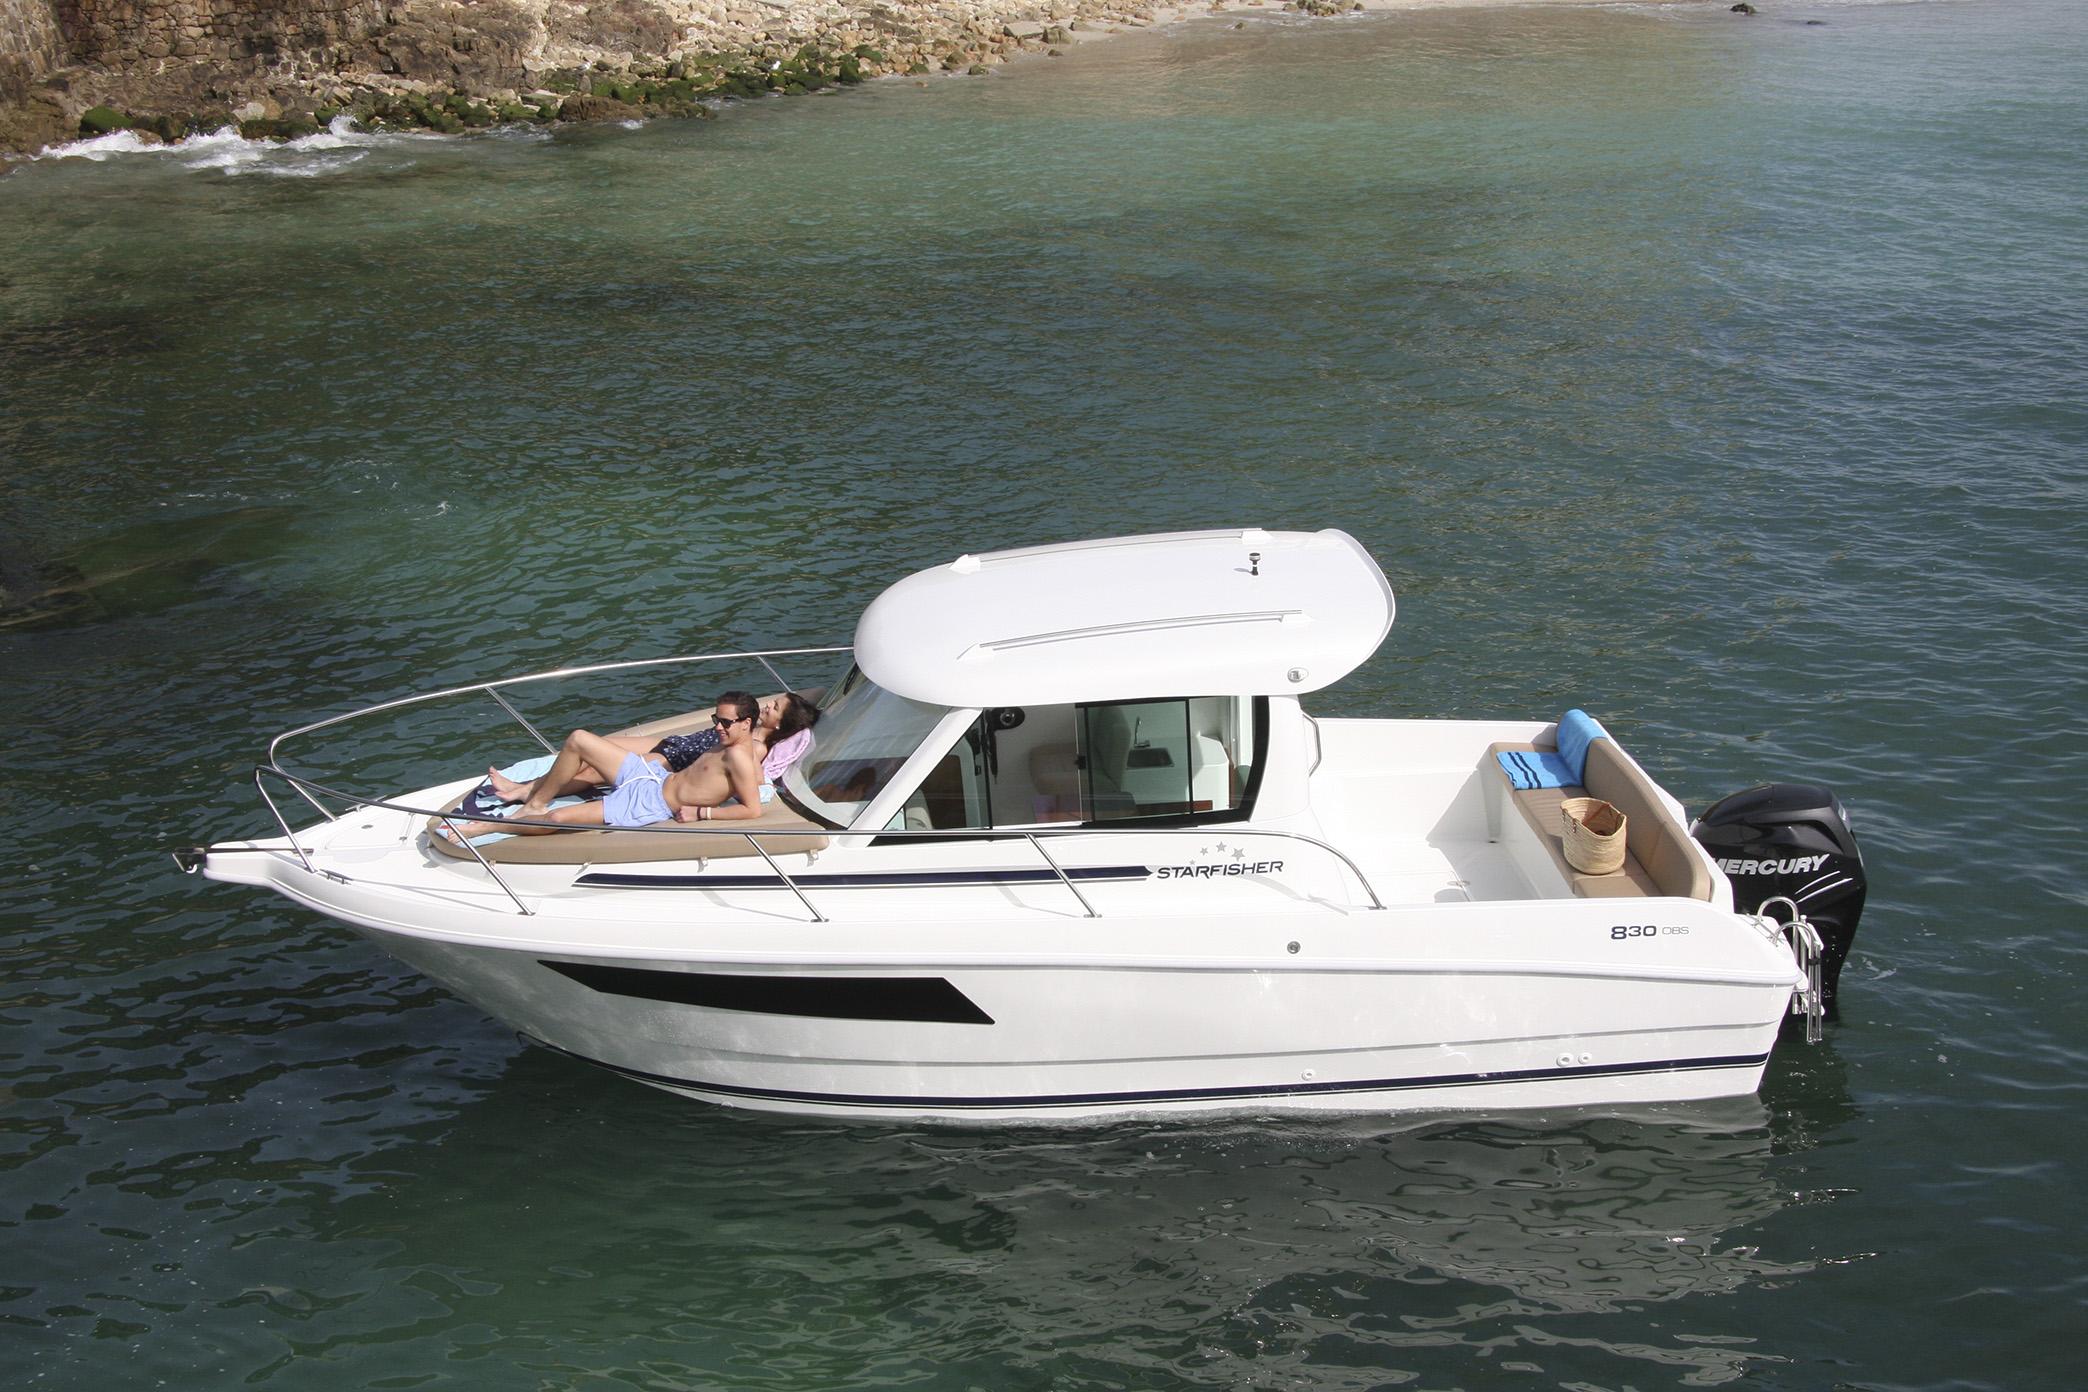 Le migliori barche da pesca 2021 - Starfisher ST 830 BS